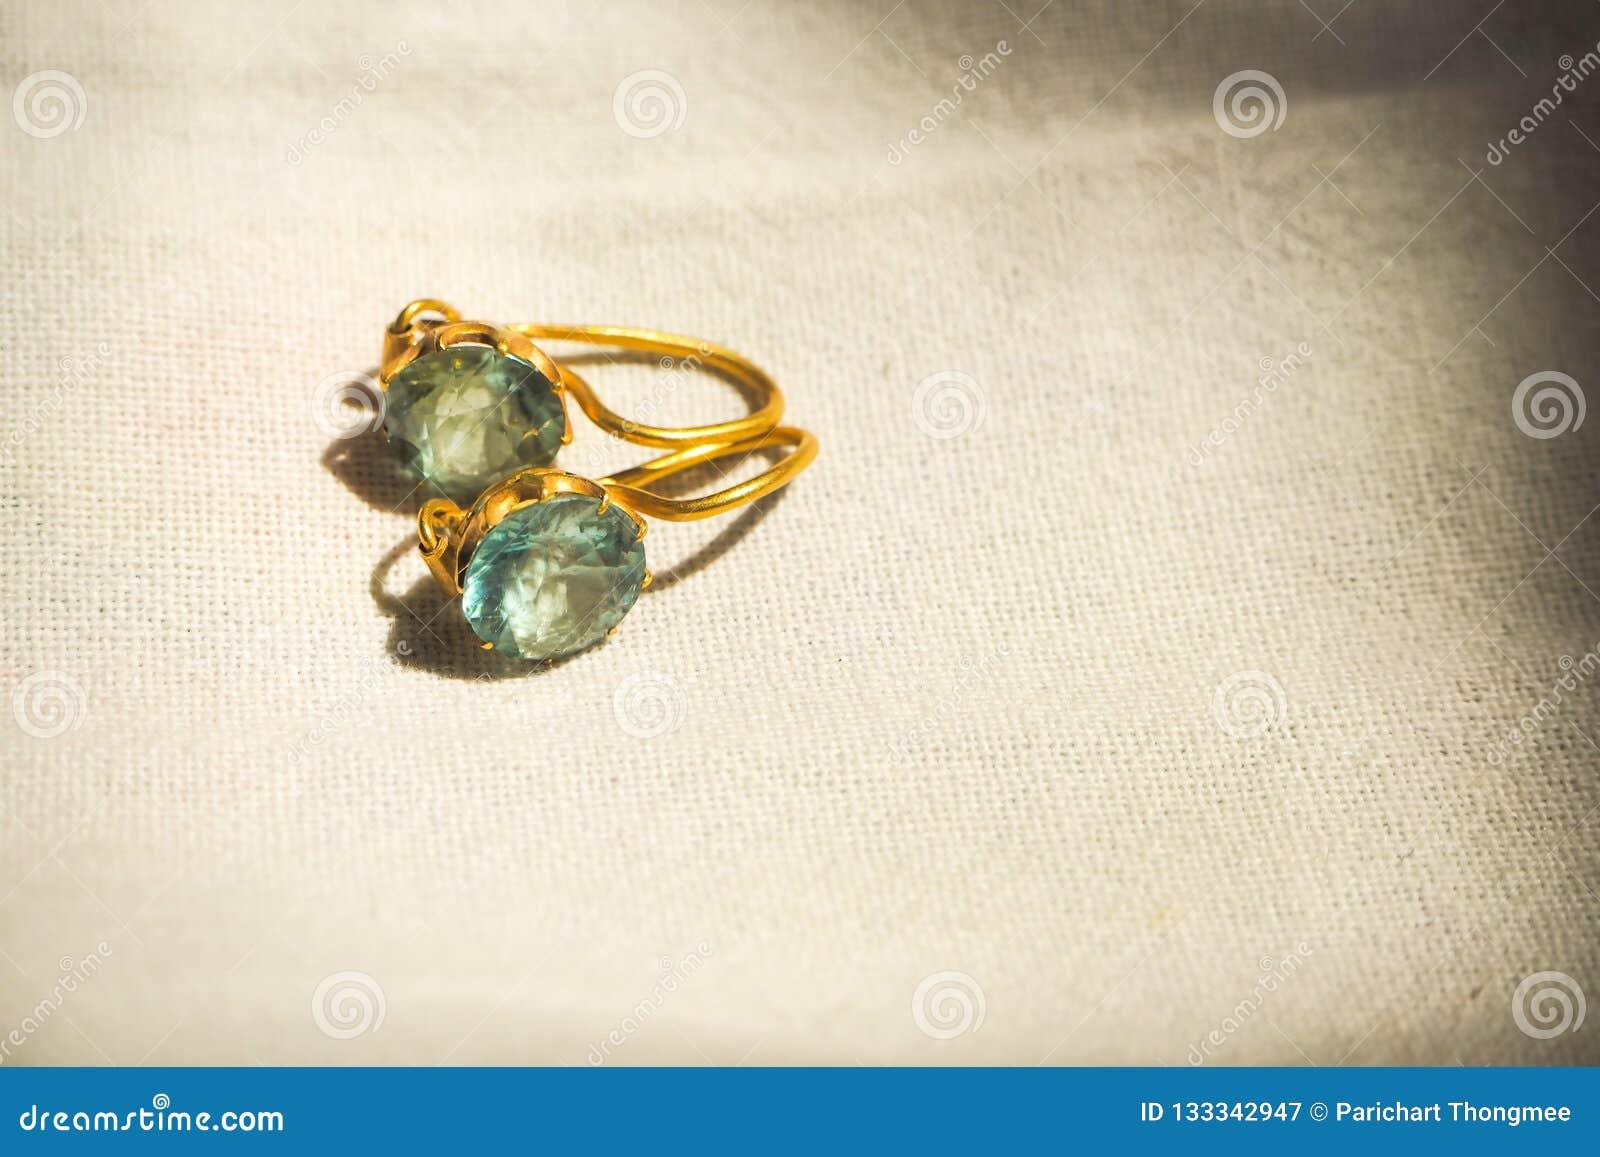 妇女女孩爱艺术构思设计想法的葡萄酒两石头金刚石葡萄酒有灵感的宝石耳环最佳的美丽的礼物